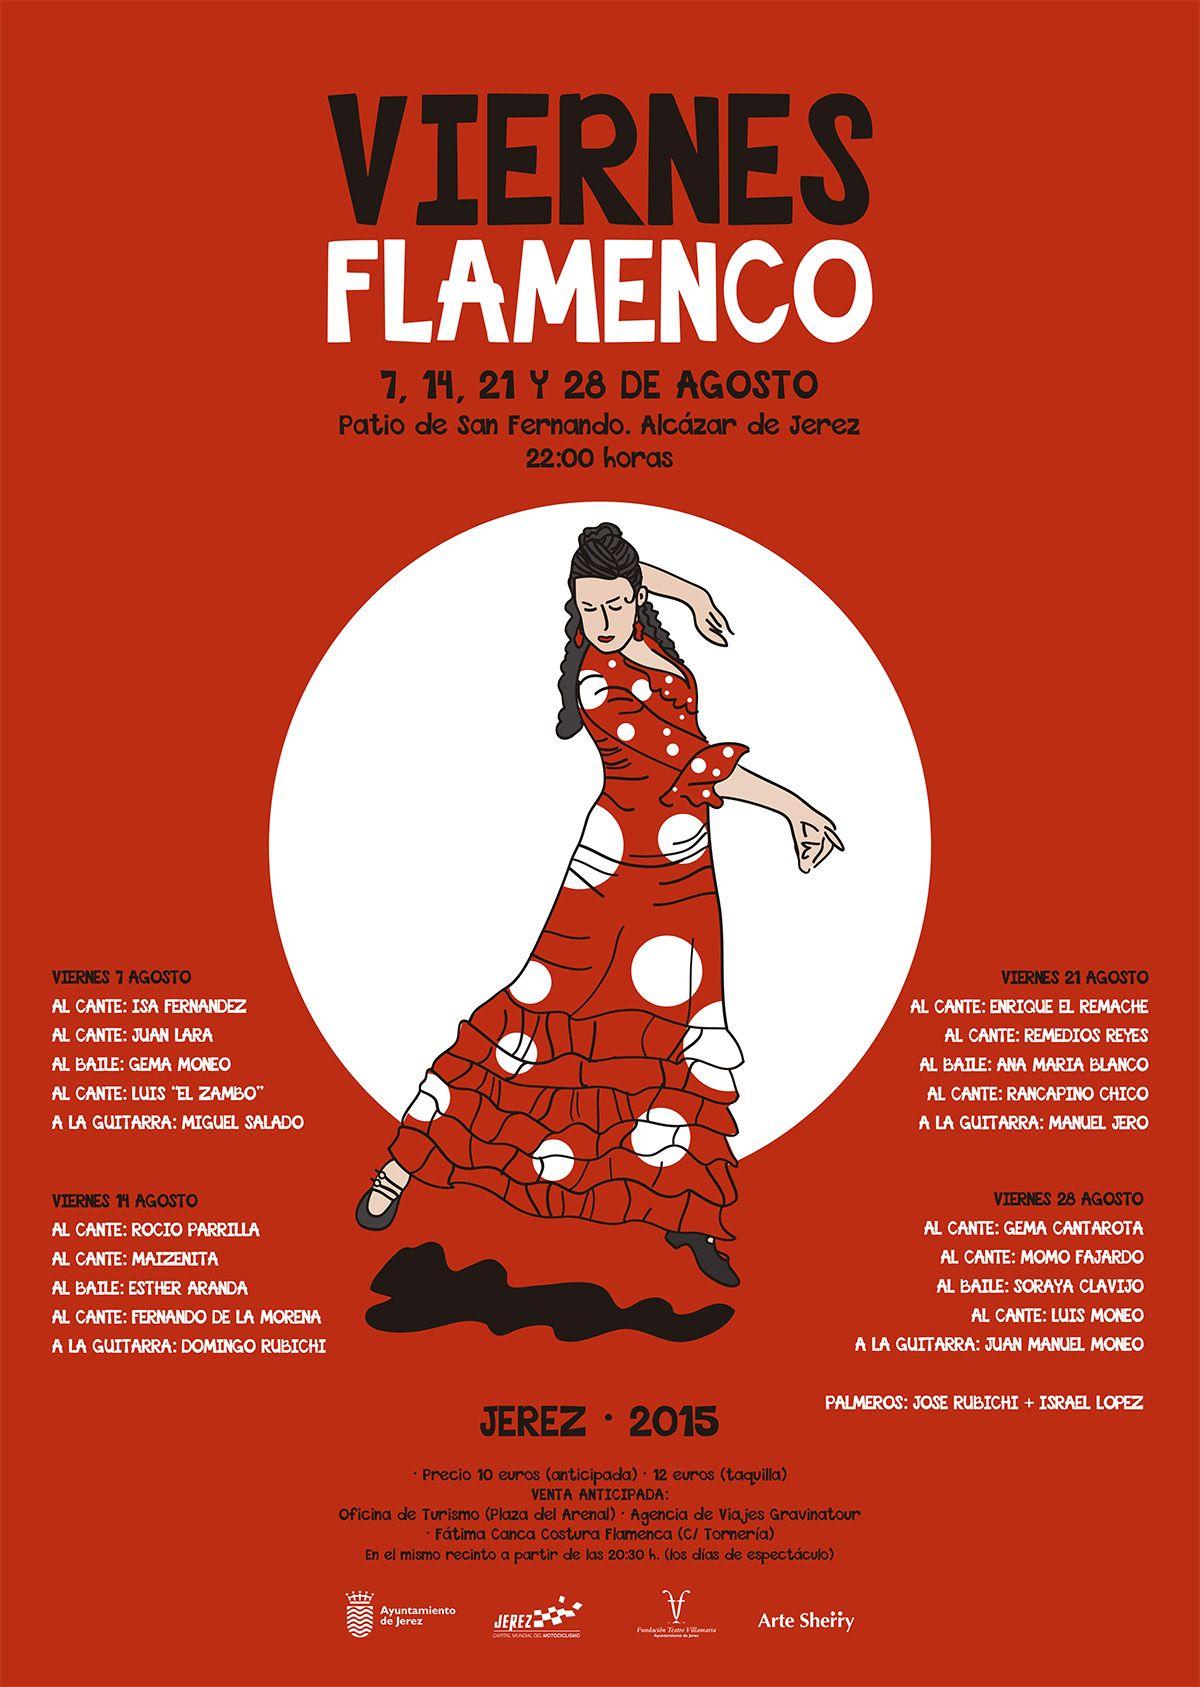 cartel 32x45 viernes flamenco 2015.ai